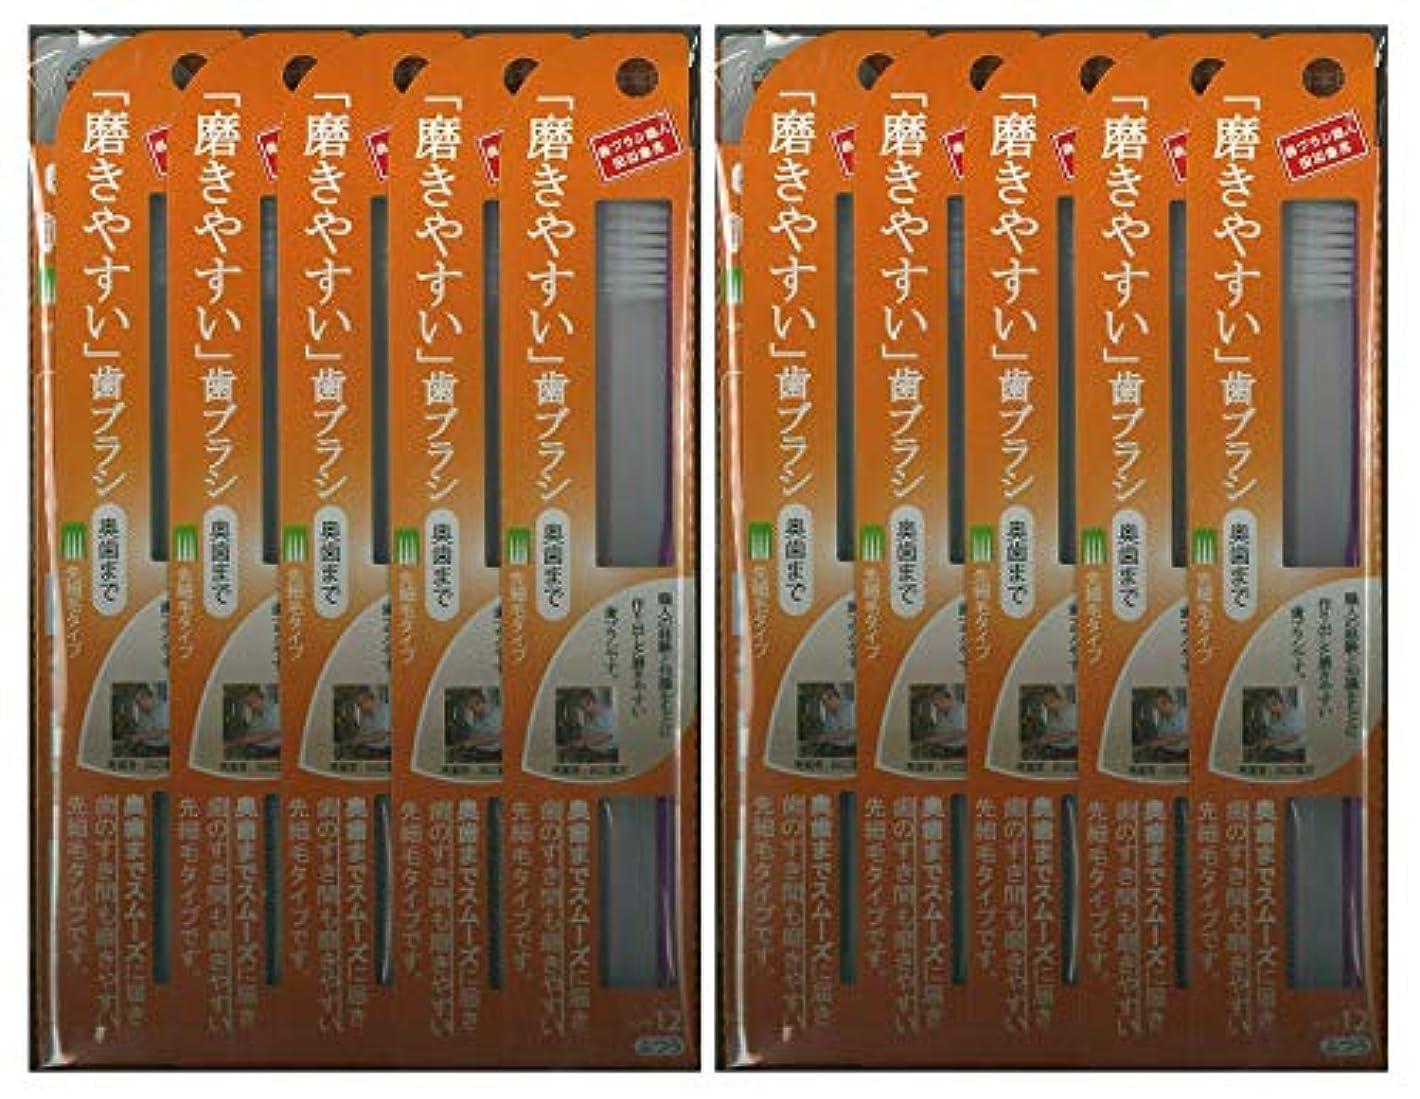 先住民発行する多分歯ブラシ職人 田辺重吉考案 磨きやすい歯ブラシ ふつう (奥歯まで)先細 LT-12 1本入×24本セット